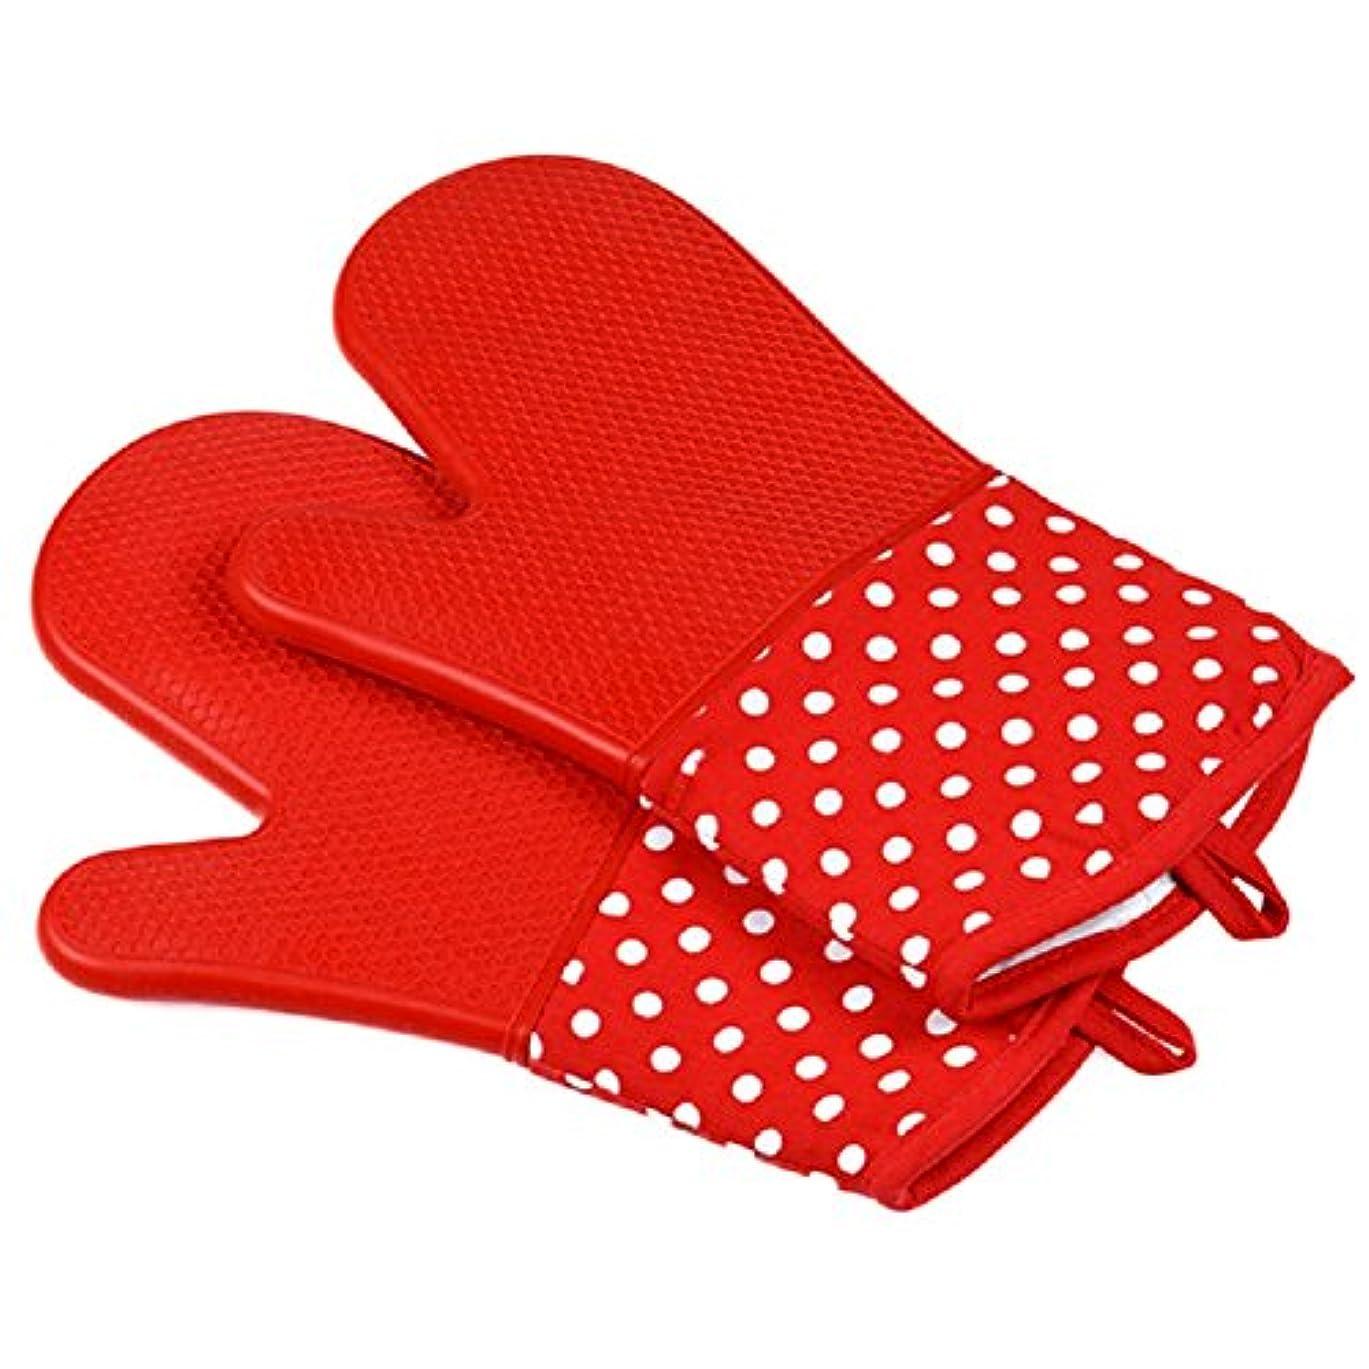 侵略罪溶岩OUYOU 耐熱グローブ シリコンチェック 耐熱温度300℃ キッチングローブ オーブンミトン シリコン手袋 滑り止め クッキング用 フリーサイズ 2個セット